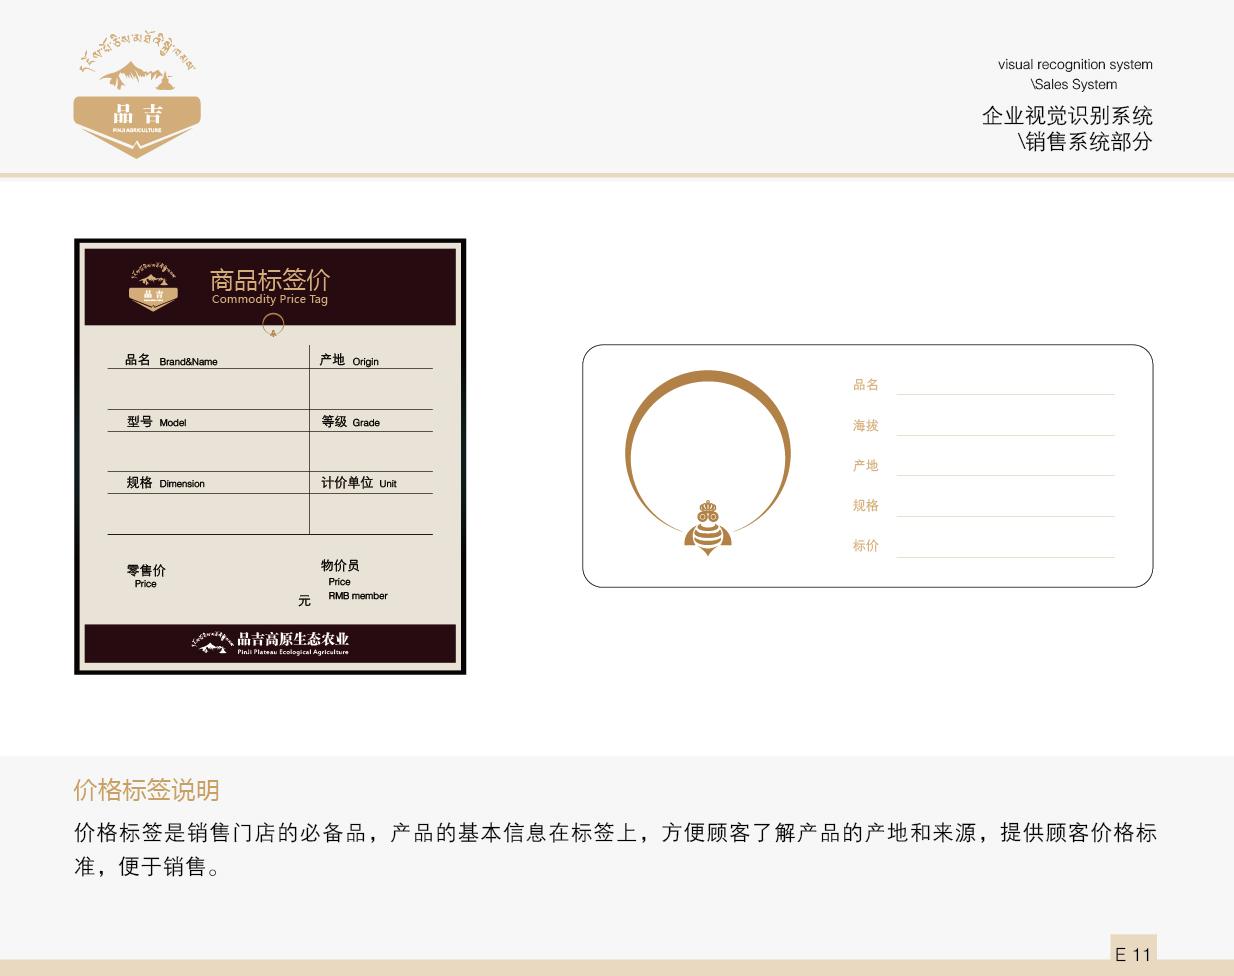 品吉农业VI 销售系统部分  客户资料  第12张